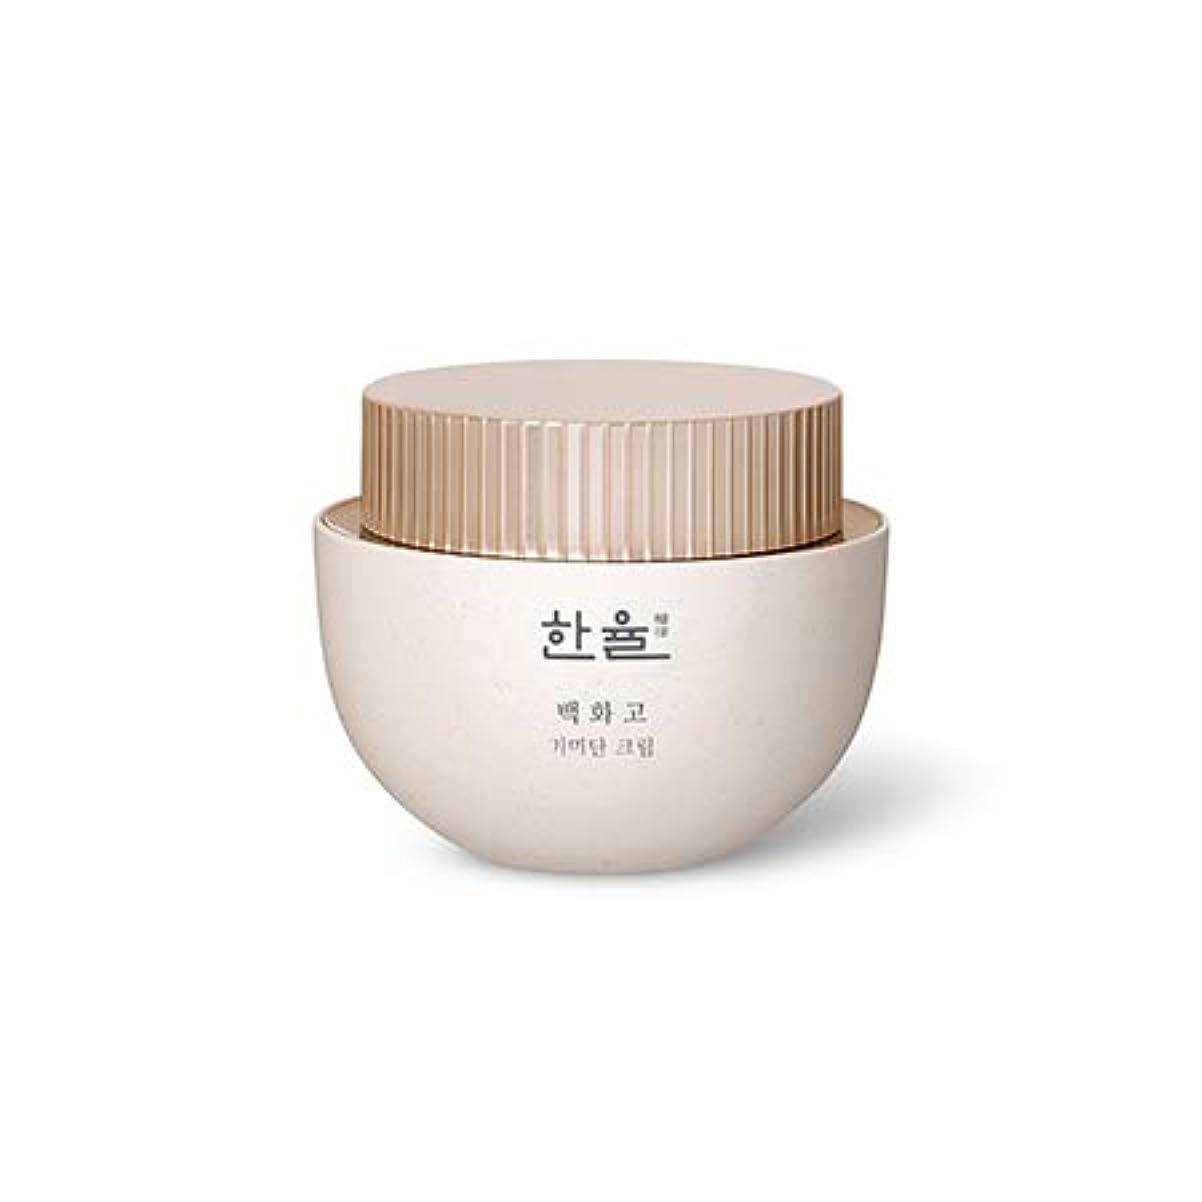 かろうじてコカイン驚[ハンユル.HANYUL]ベクファゴシミ段クリームHanyul Baek Hwa Goh Anti-Aging Cream(シミ、くすみなどの老化の兆候をケア)